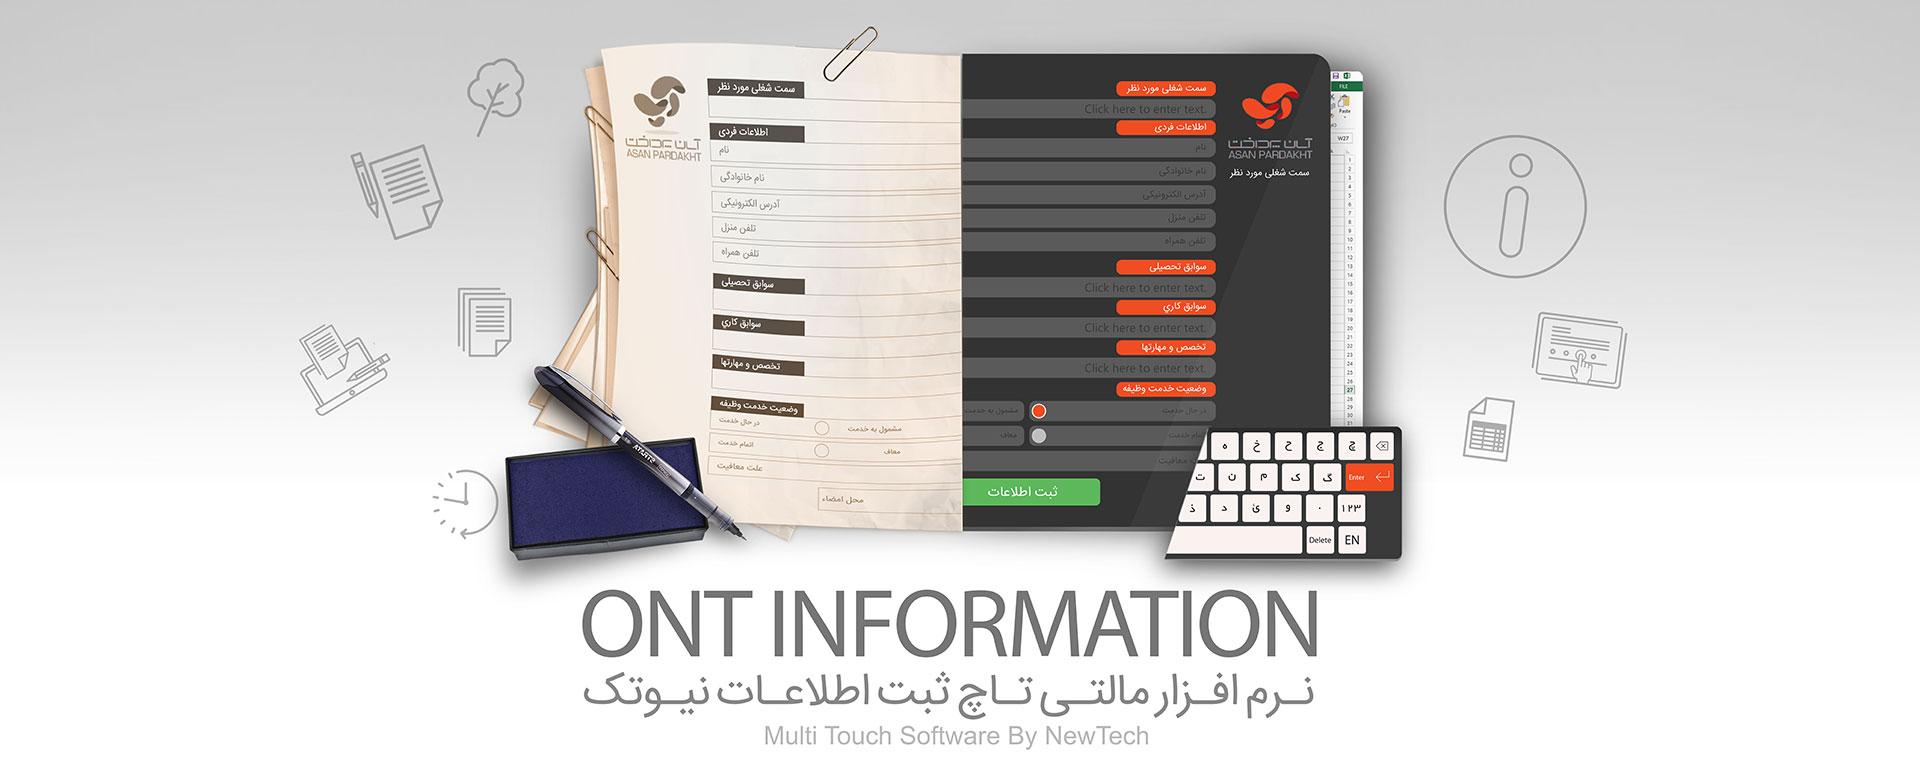 نرم افزار دریافت اطلاعات information